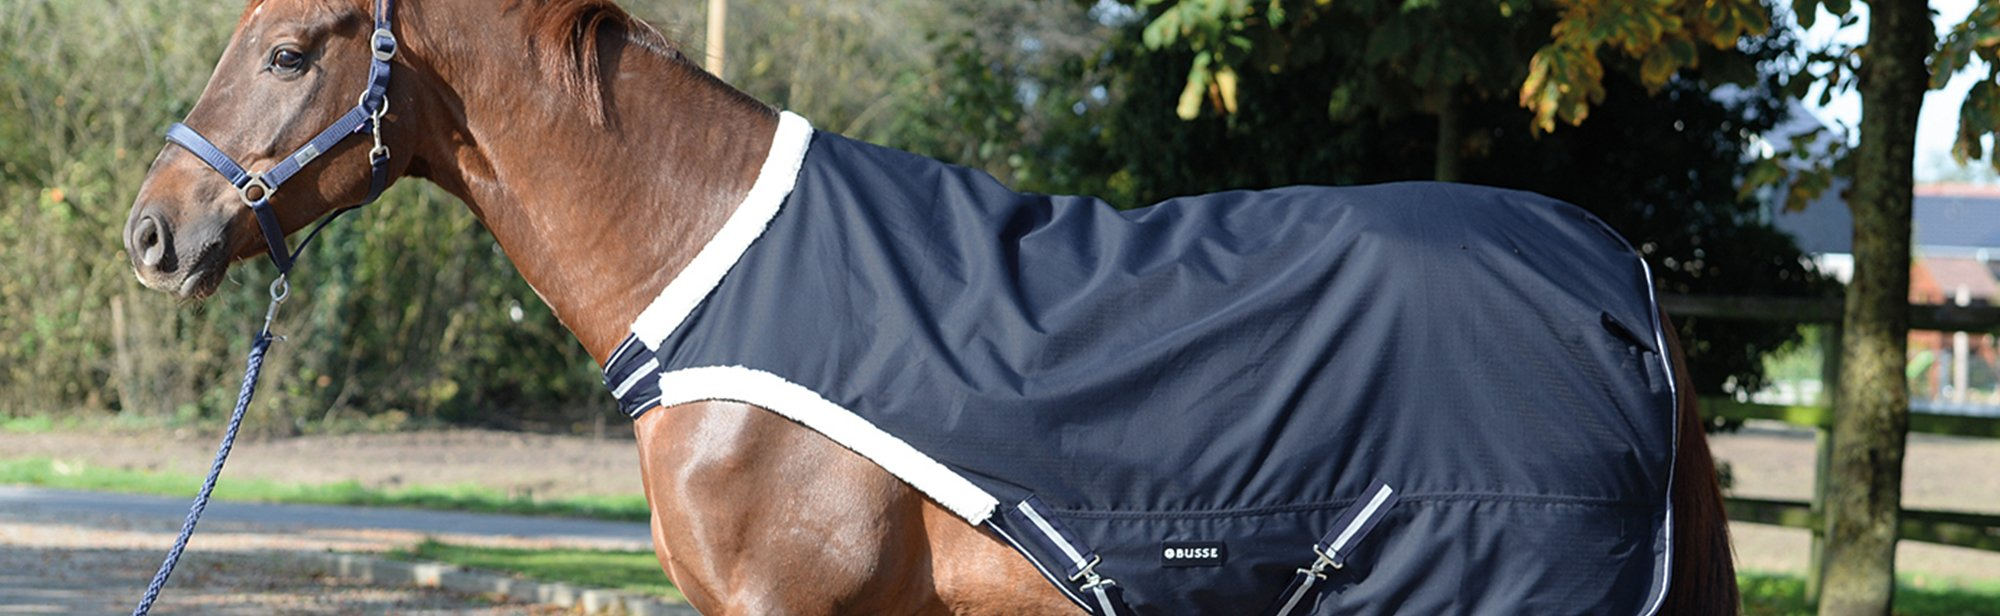 Führanlagendecken für Pferde